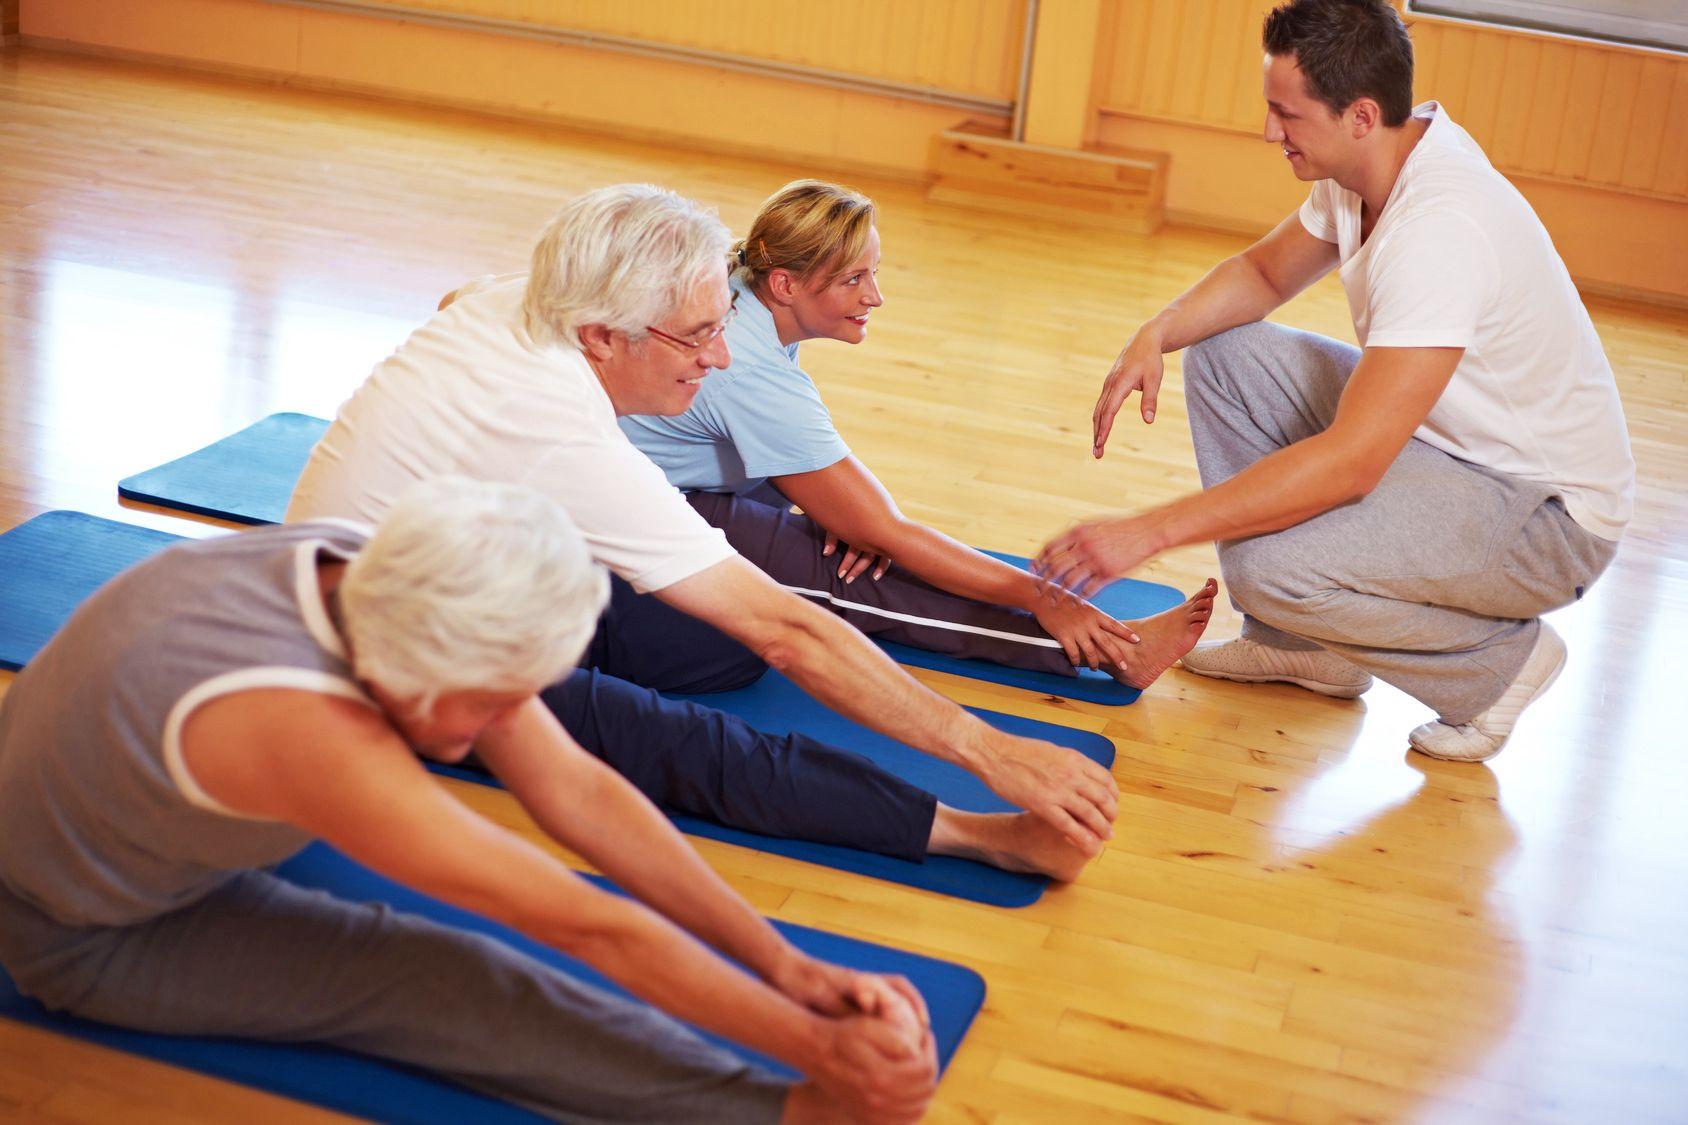 Как избавиться от боли в спине с помощью упражнений